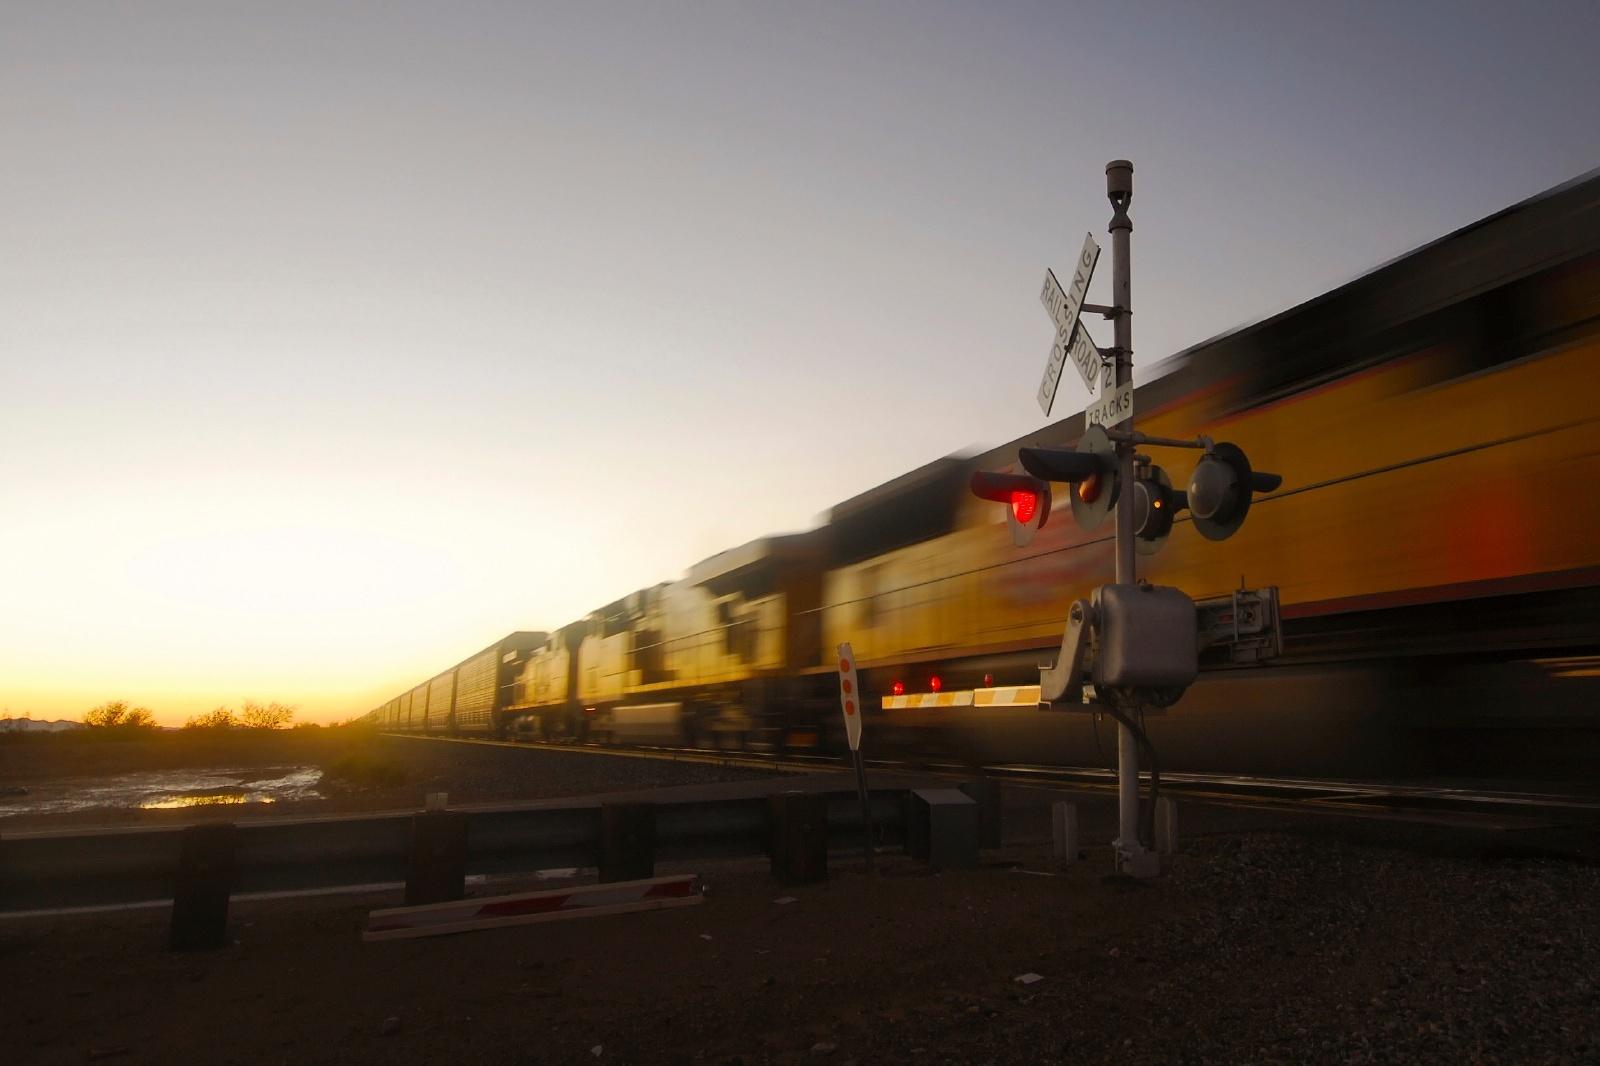 明け方の貨物列車 アメリカの鉄道風景